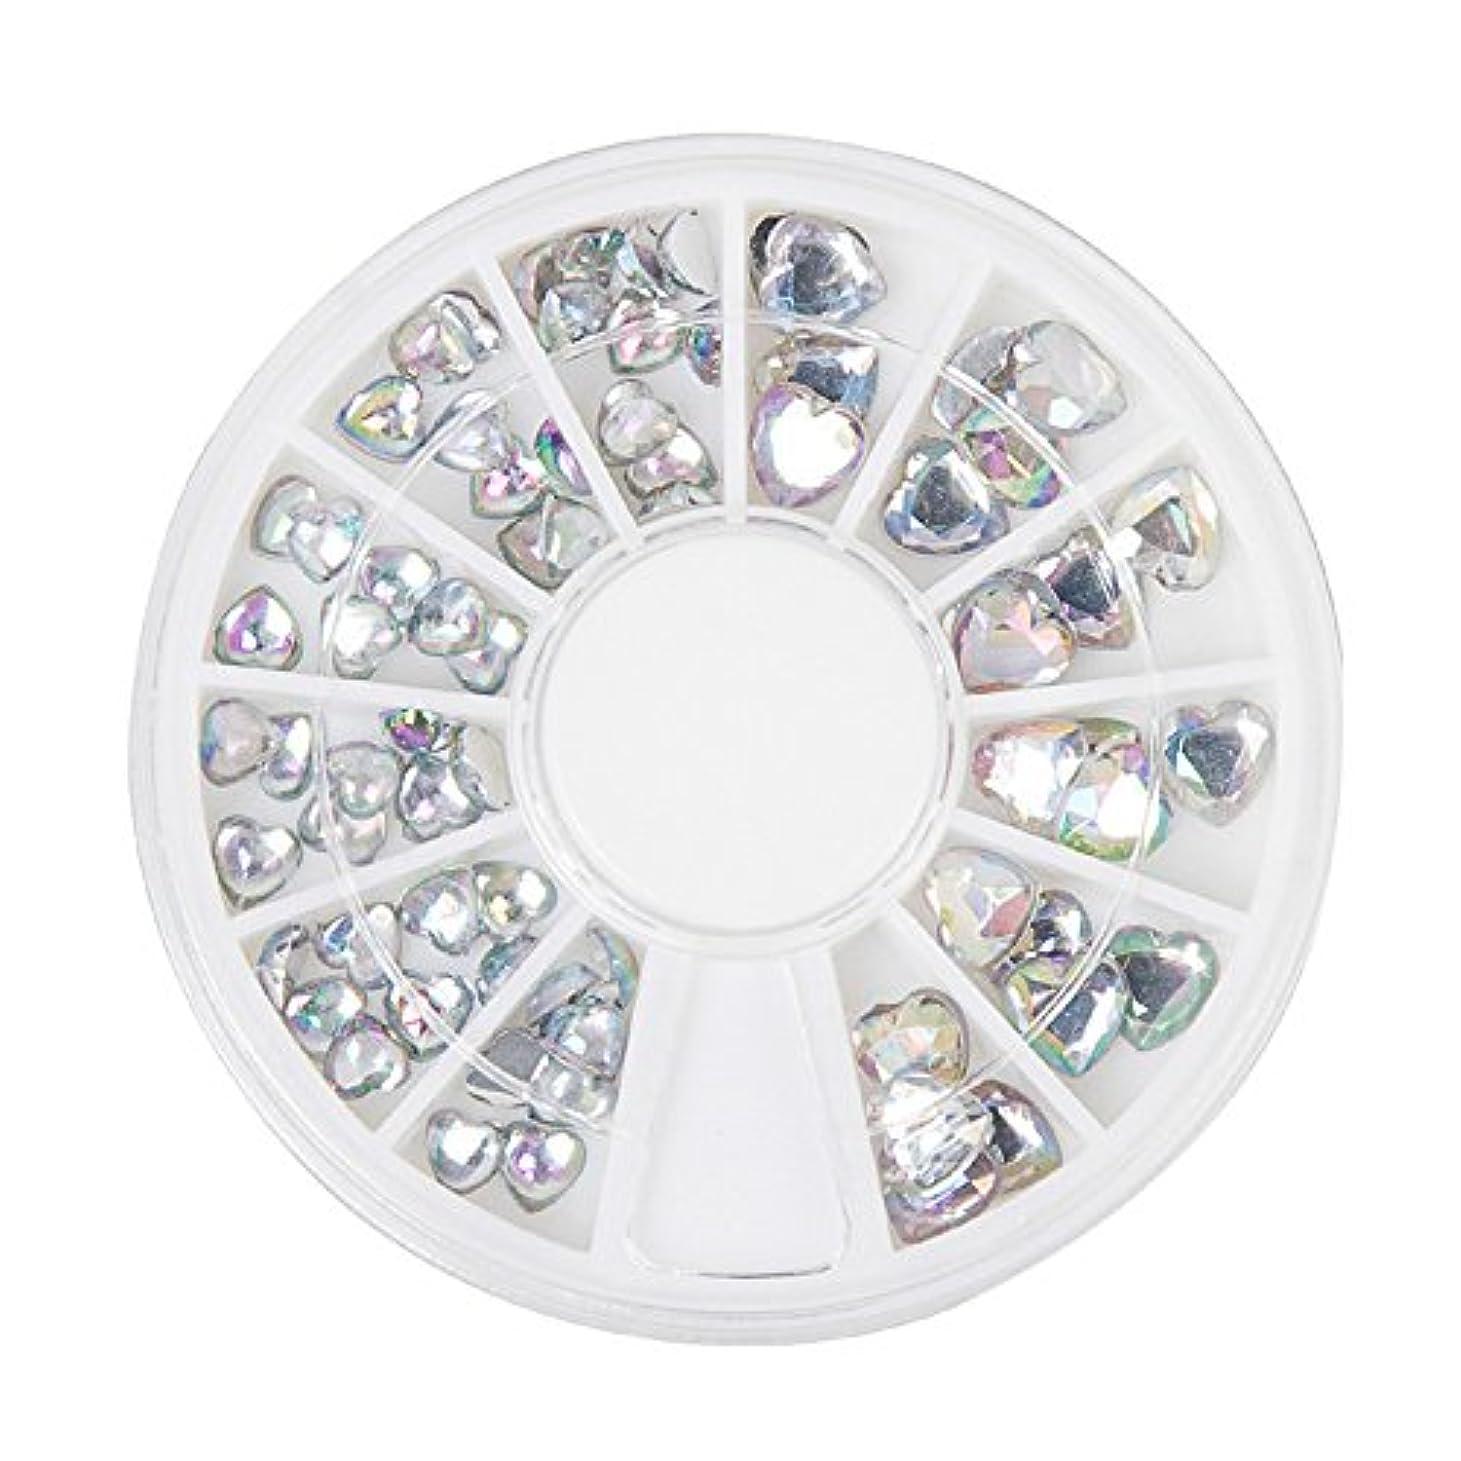 支店サバントセッティングジェルネイル ラインストーン アートパーツ パール ハート ダイヤモンド 22種類選択可